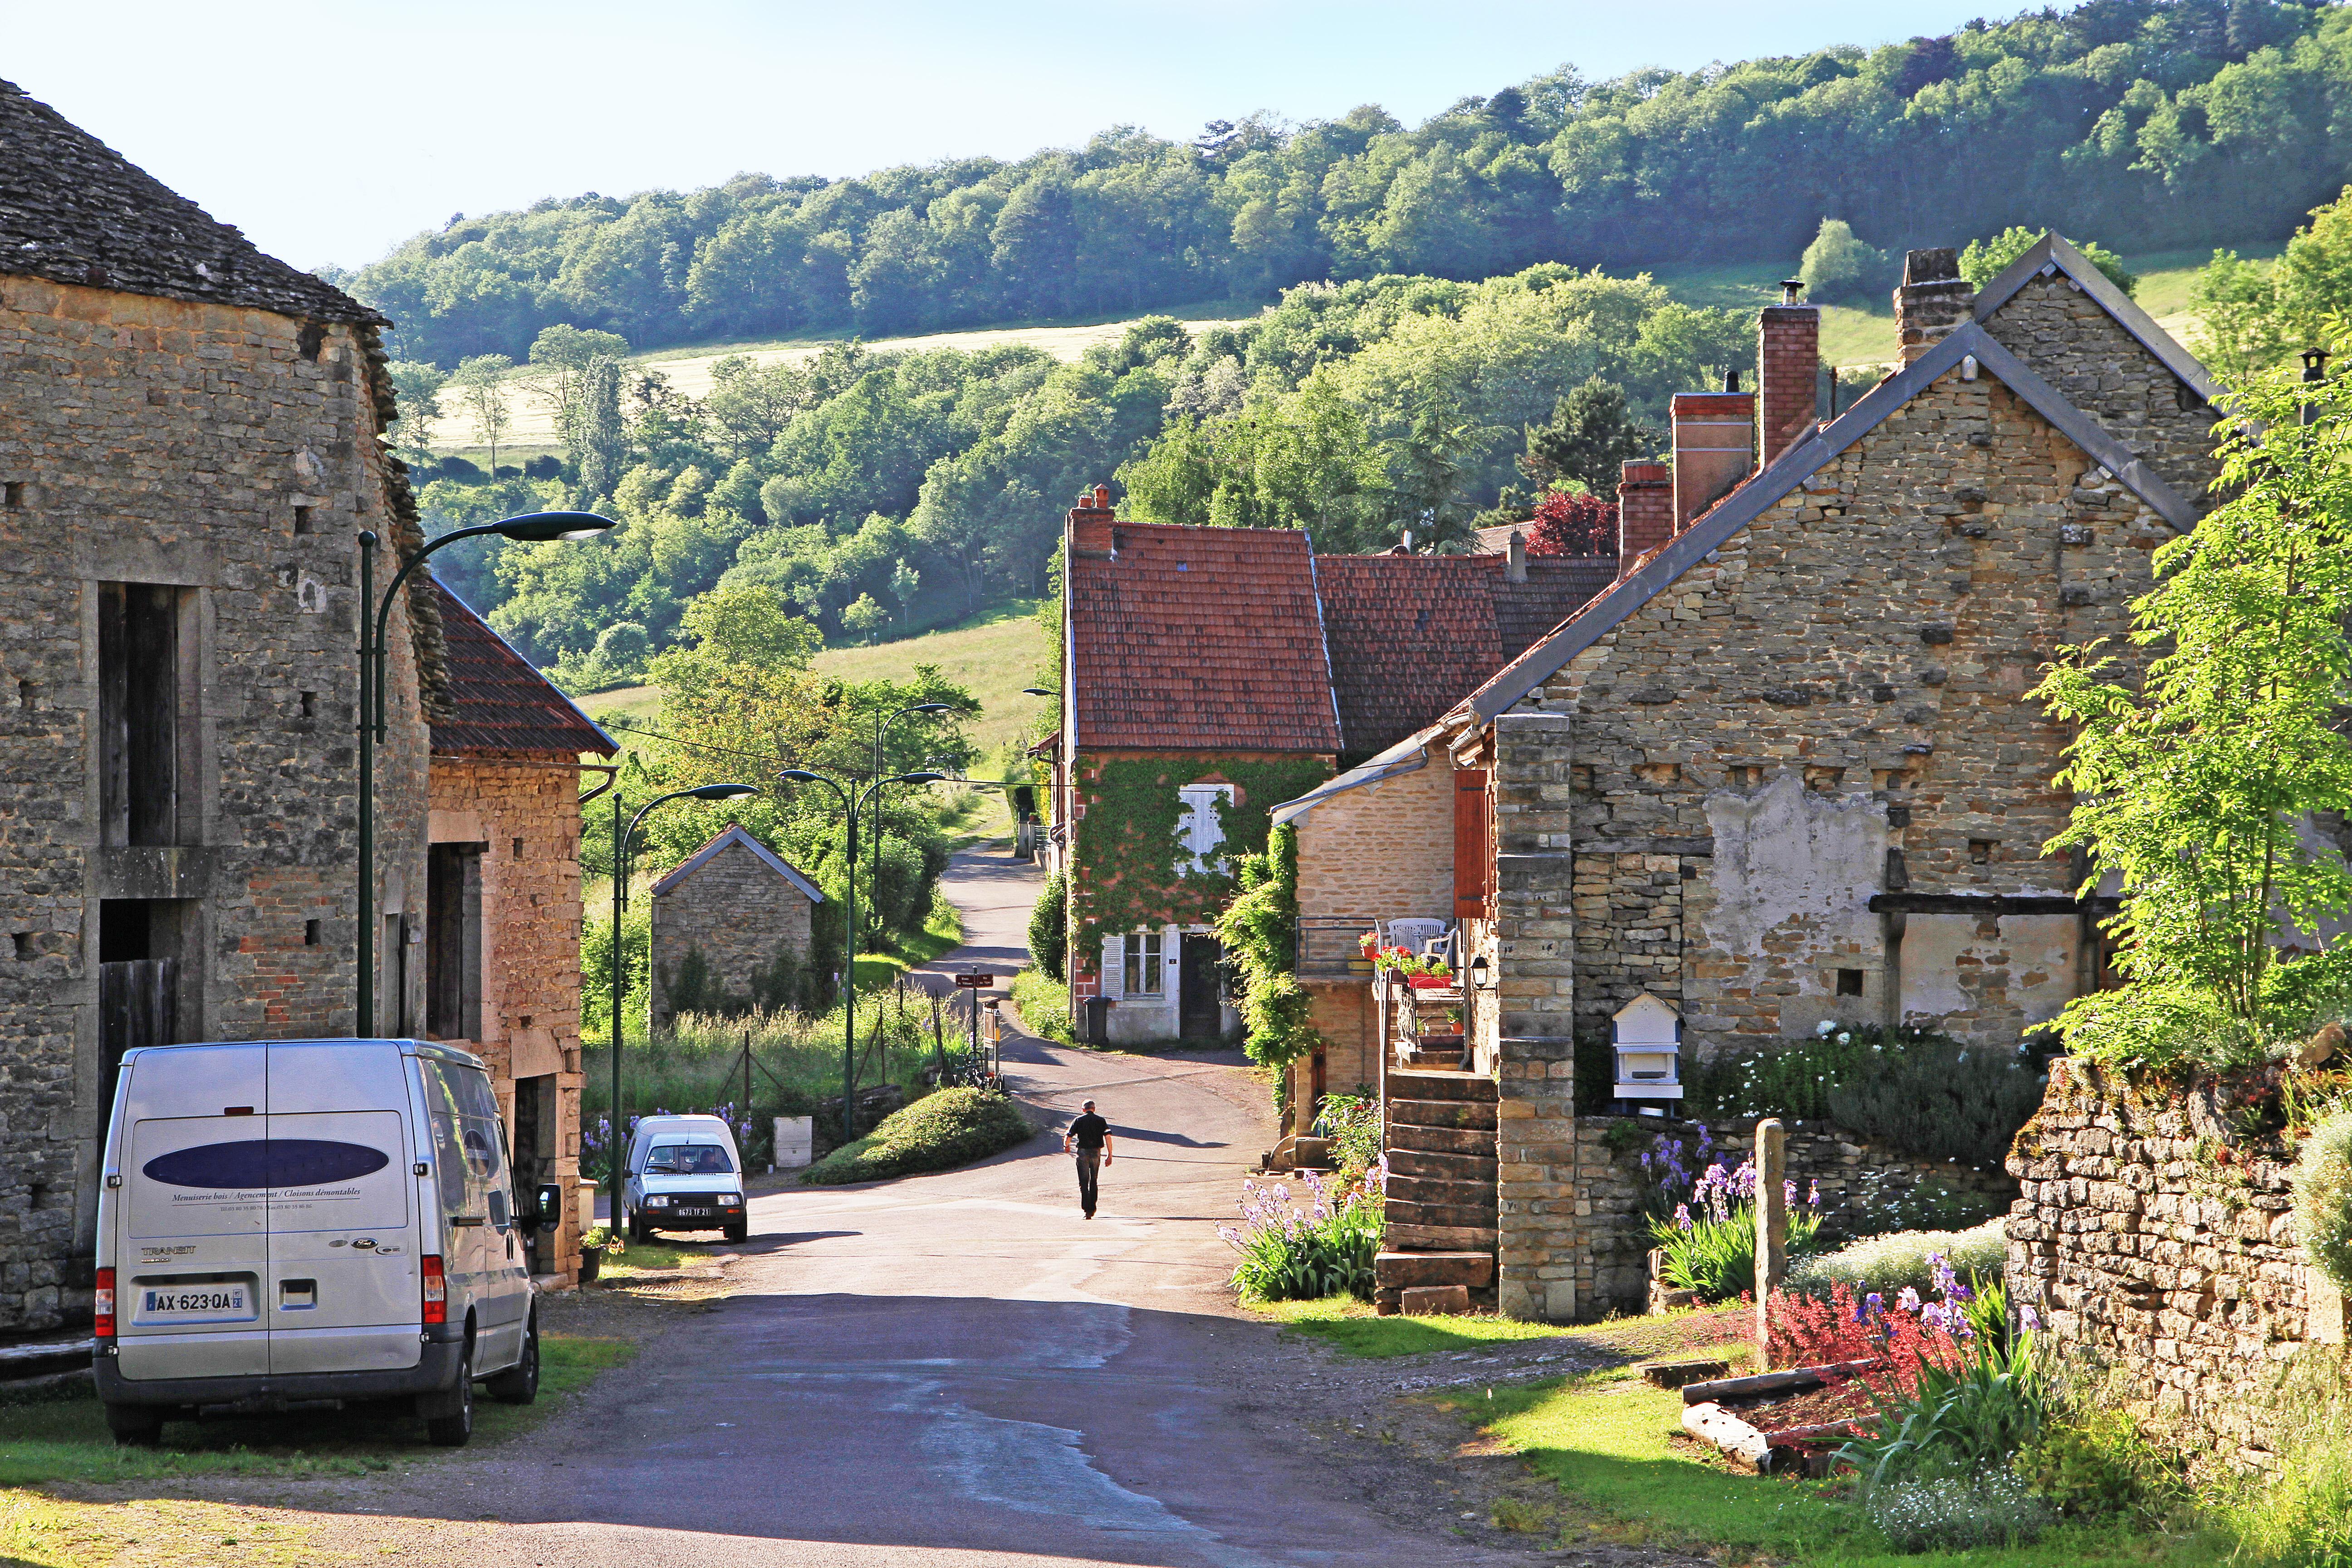 Menuiserie Pouilly En Auxois massingy-lès-vitteaux - wikipedia